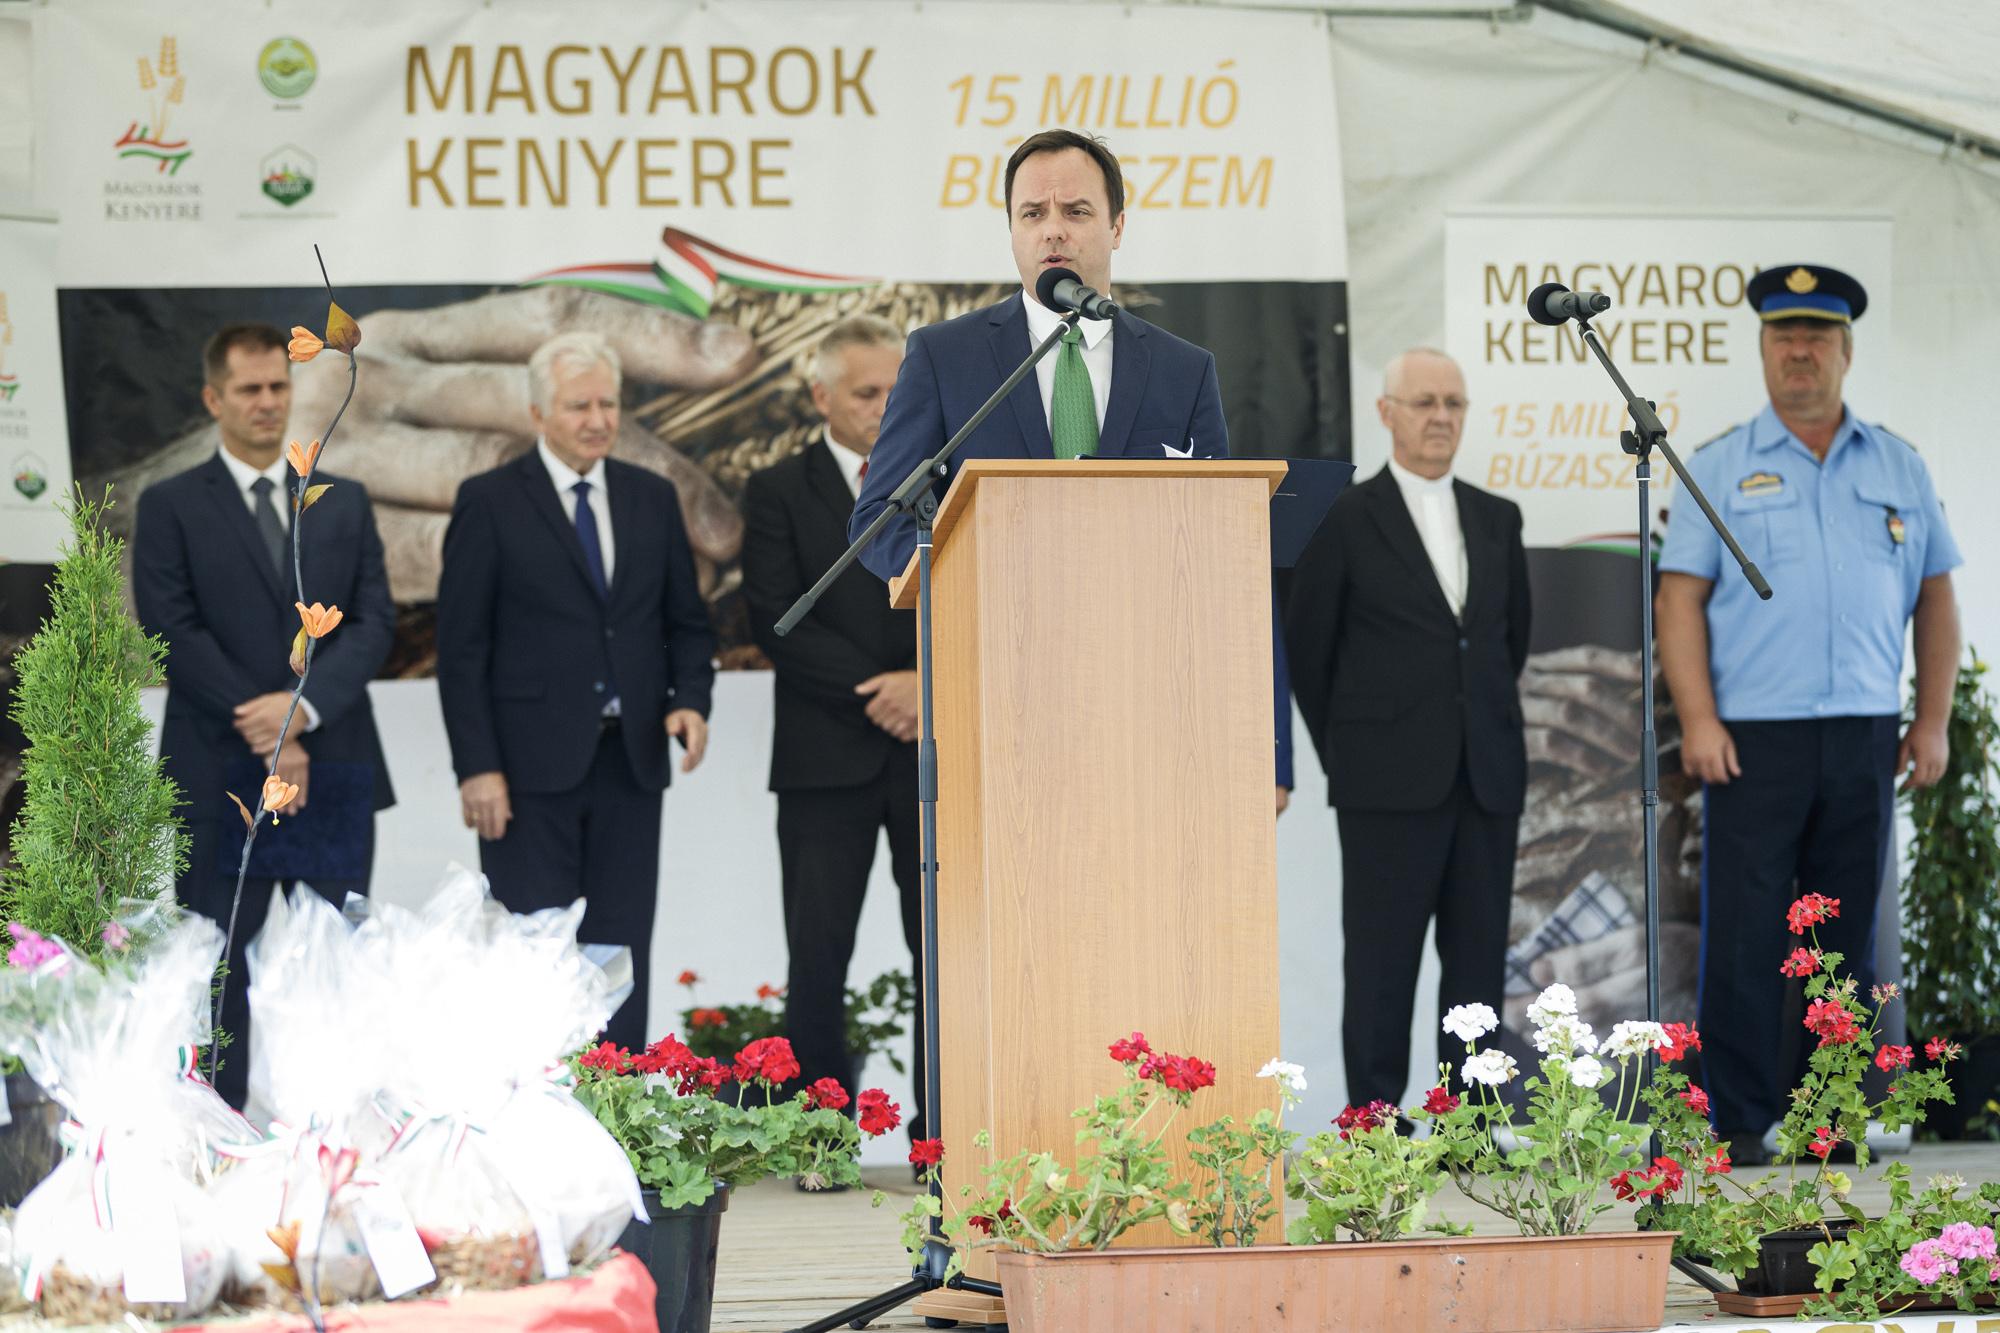 Köszönet a magyar gazdáknak!